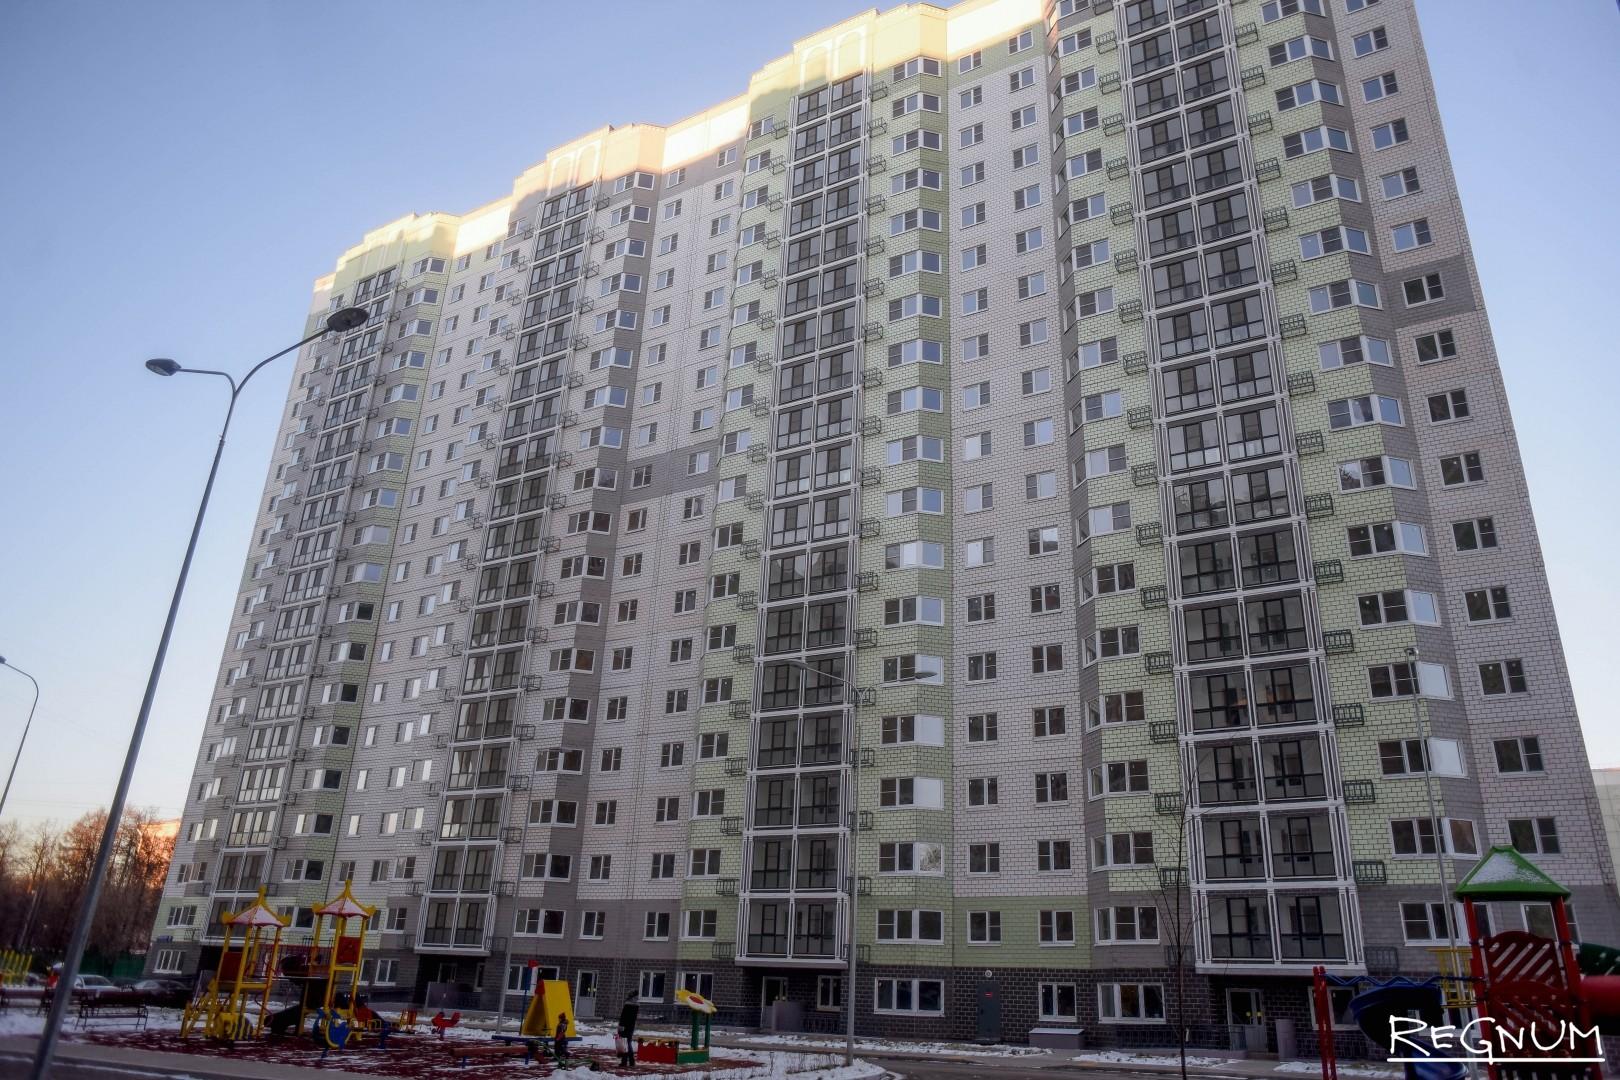 Дом на ул. Дмитрия Ульянова, 27, к.1